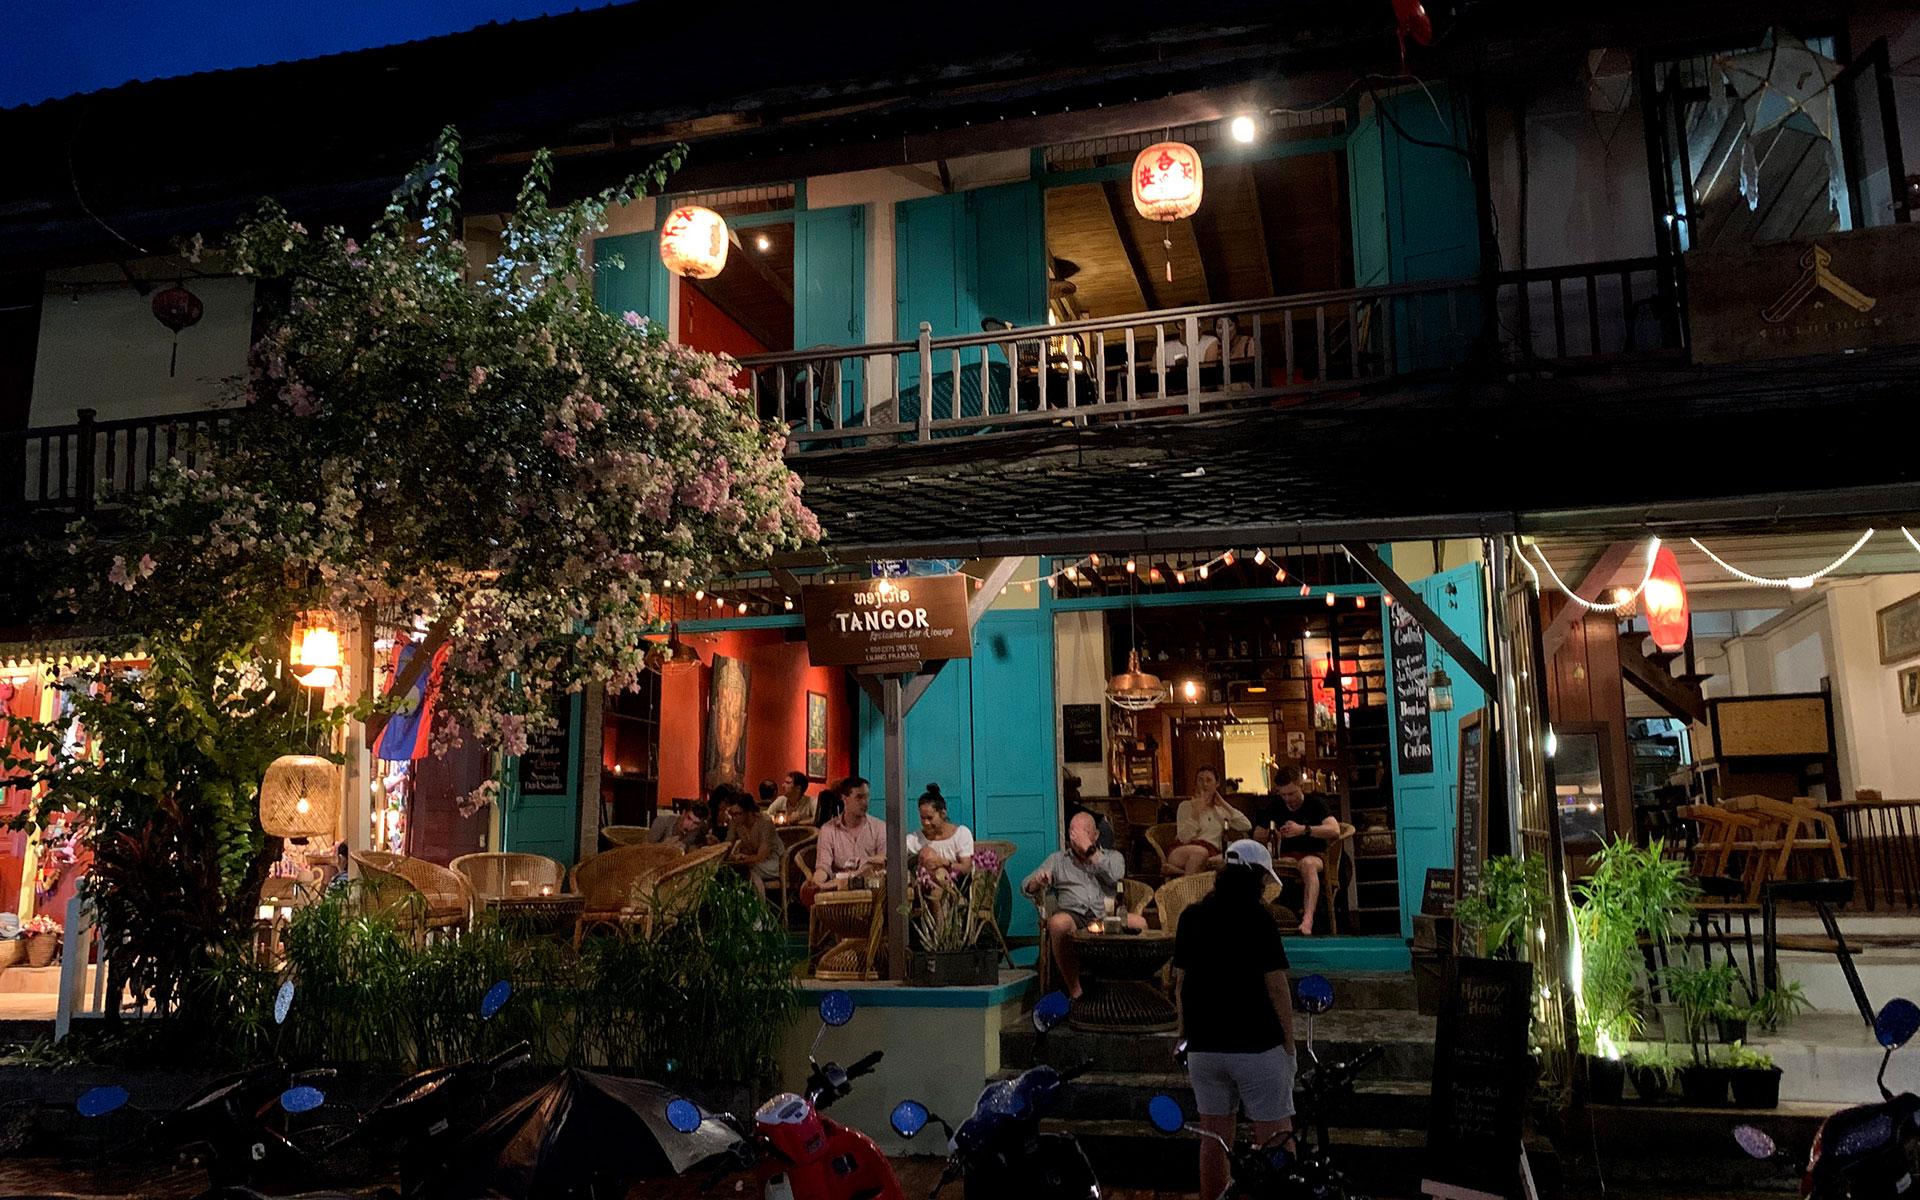 Tangor Restaurant